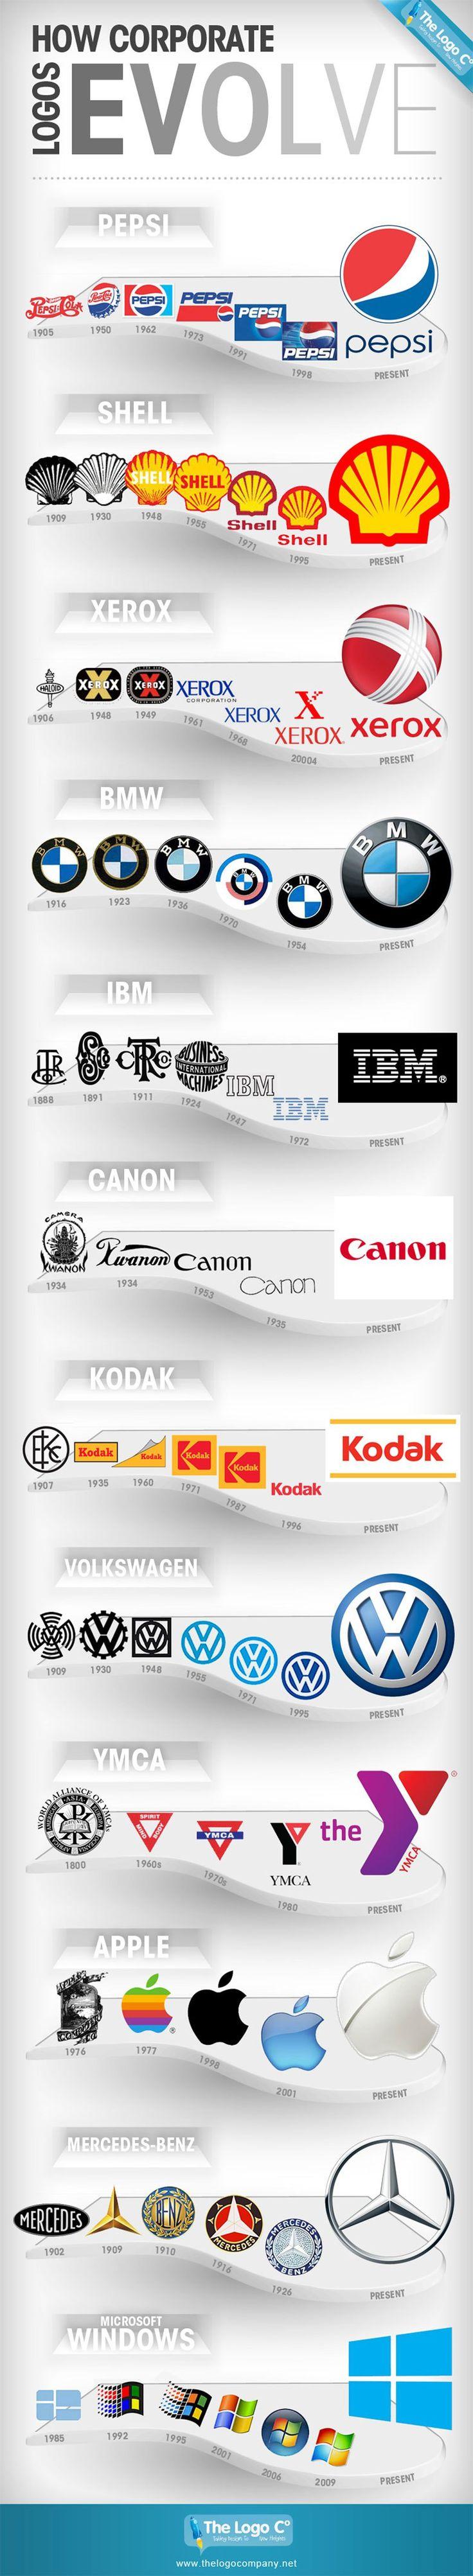 Corporativo Logos Evolve Infográfico A Evolução do Logos Corporativos